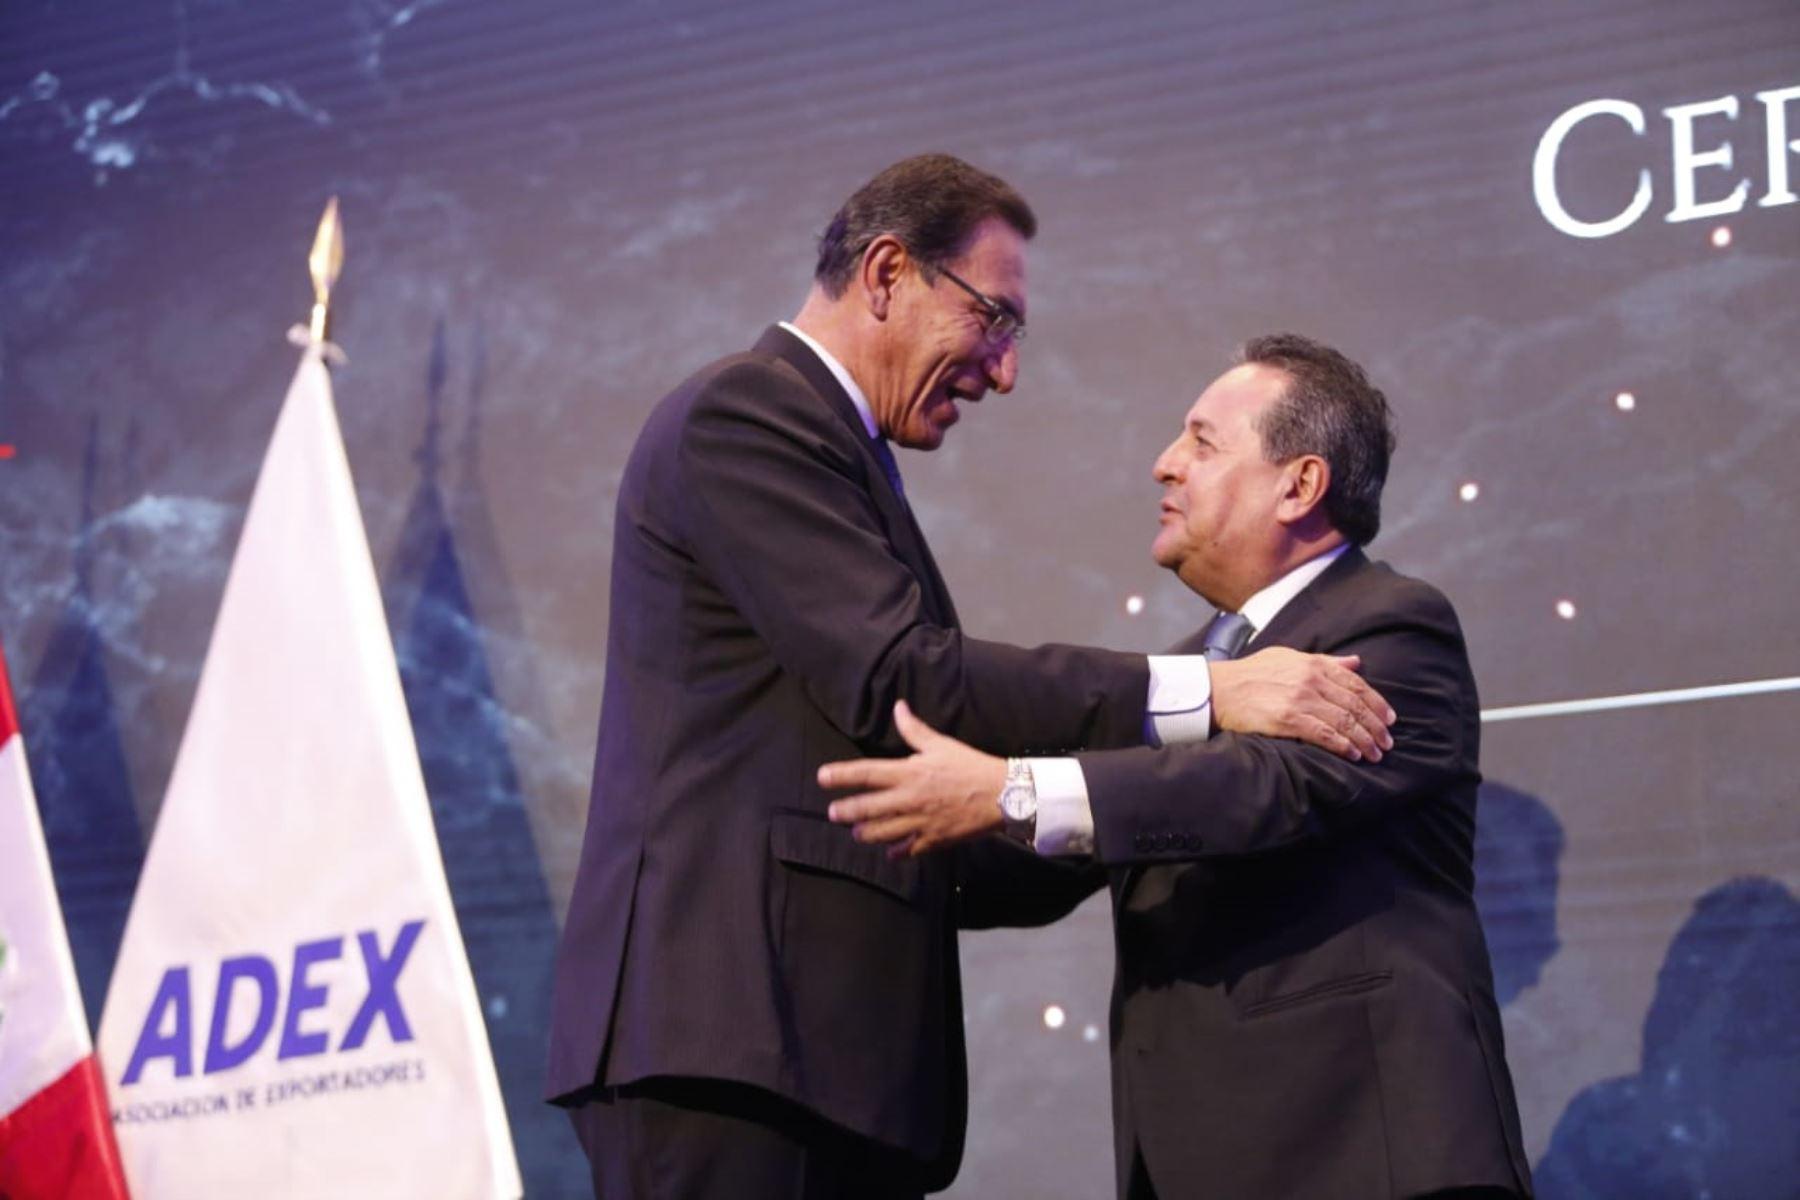 Presidente  Martín Vizcarra y el nuevo presidente de ADEX, Alfonso Velázquez  participan en  la ceremonia de presentación del consejo directivo de la Asociación de Exportadores .Foto: ANDINA/Prensa Presidencia